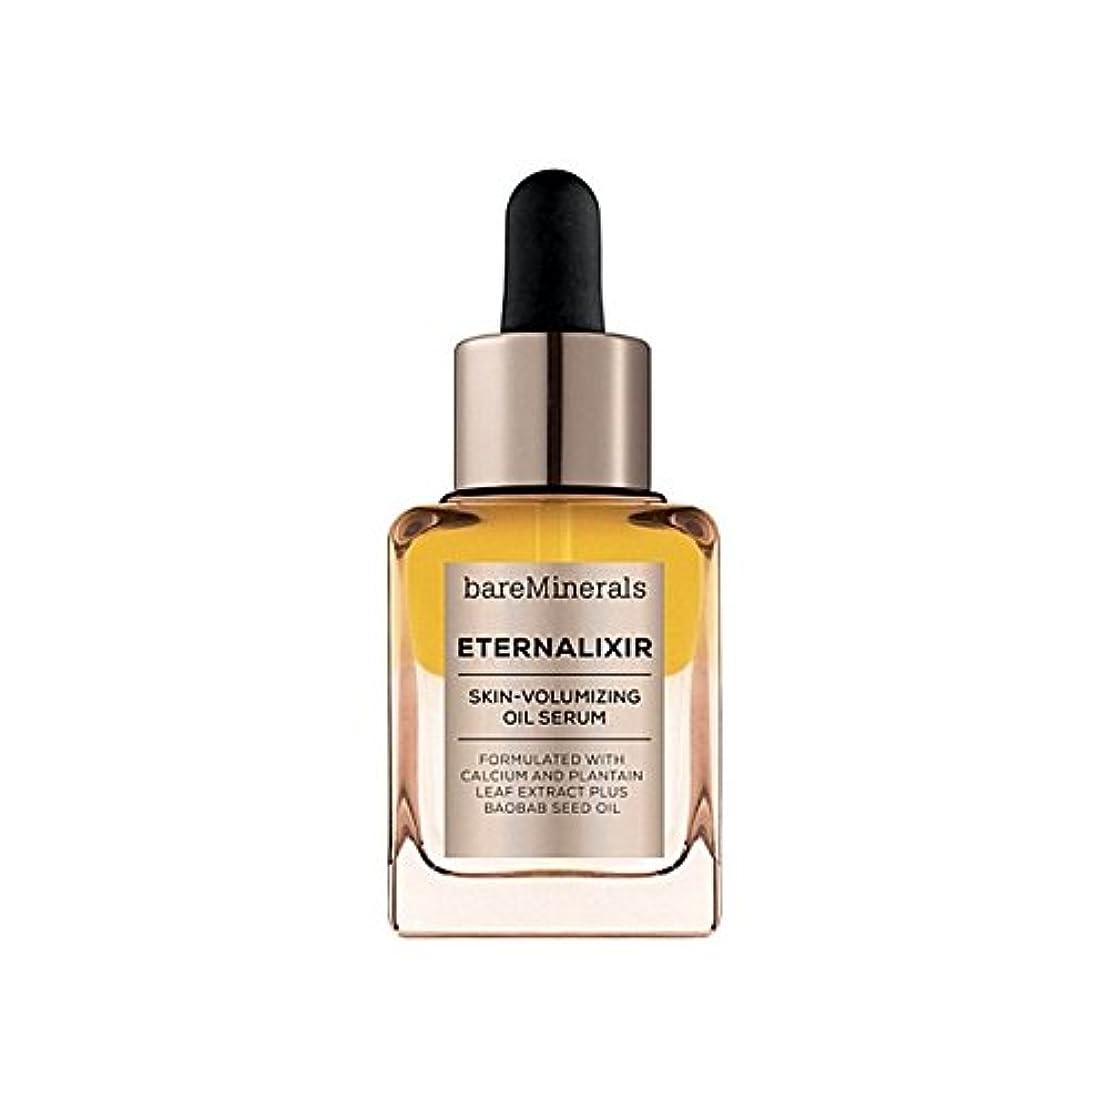 弾性比率どんよりしたベアミネラル皮膚オイルセラム30 x2 - Bare Minerals Externalixir Skin Volumising Oil Serum 30Ml (Pack of 2) [並行輸入品]